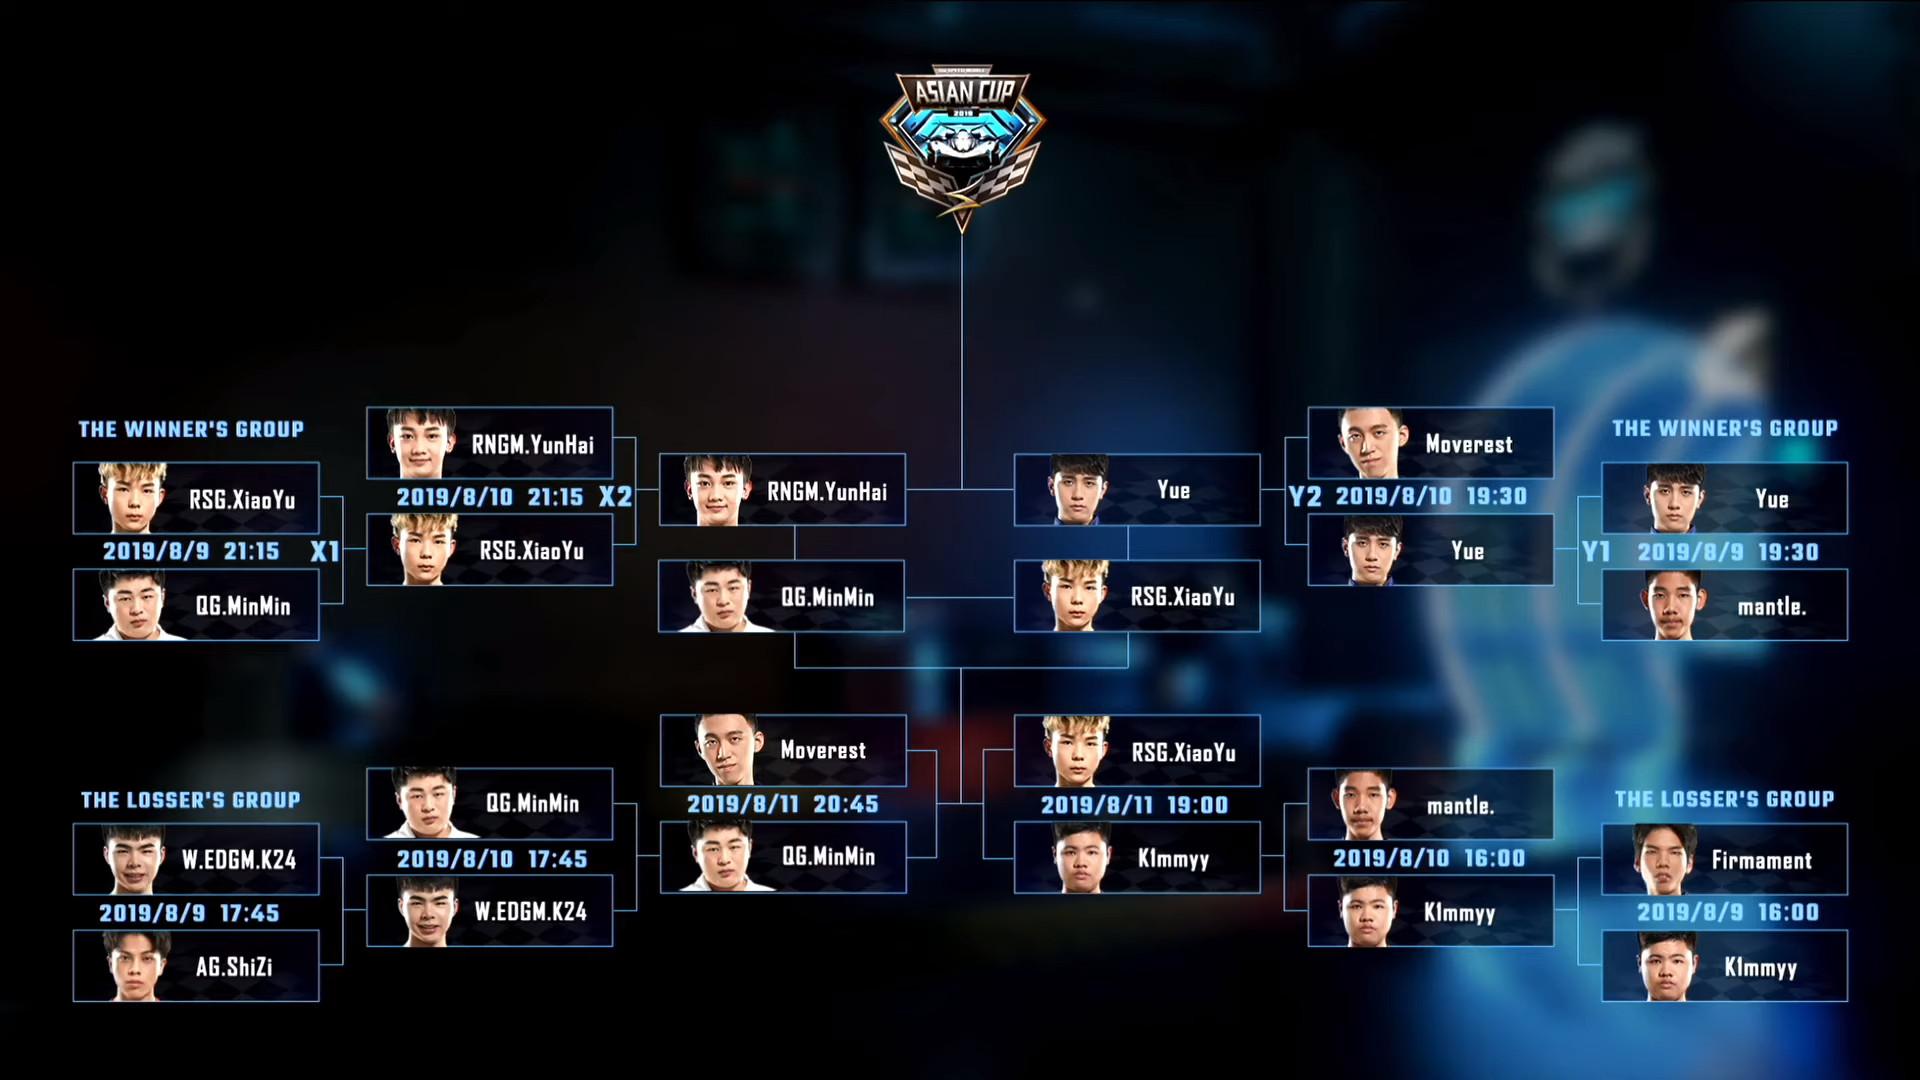 ▲歷經2周的賽程終於誕生晉級總決賽的四名選手,小草Yue將代表台港澳出戰!